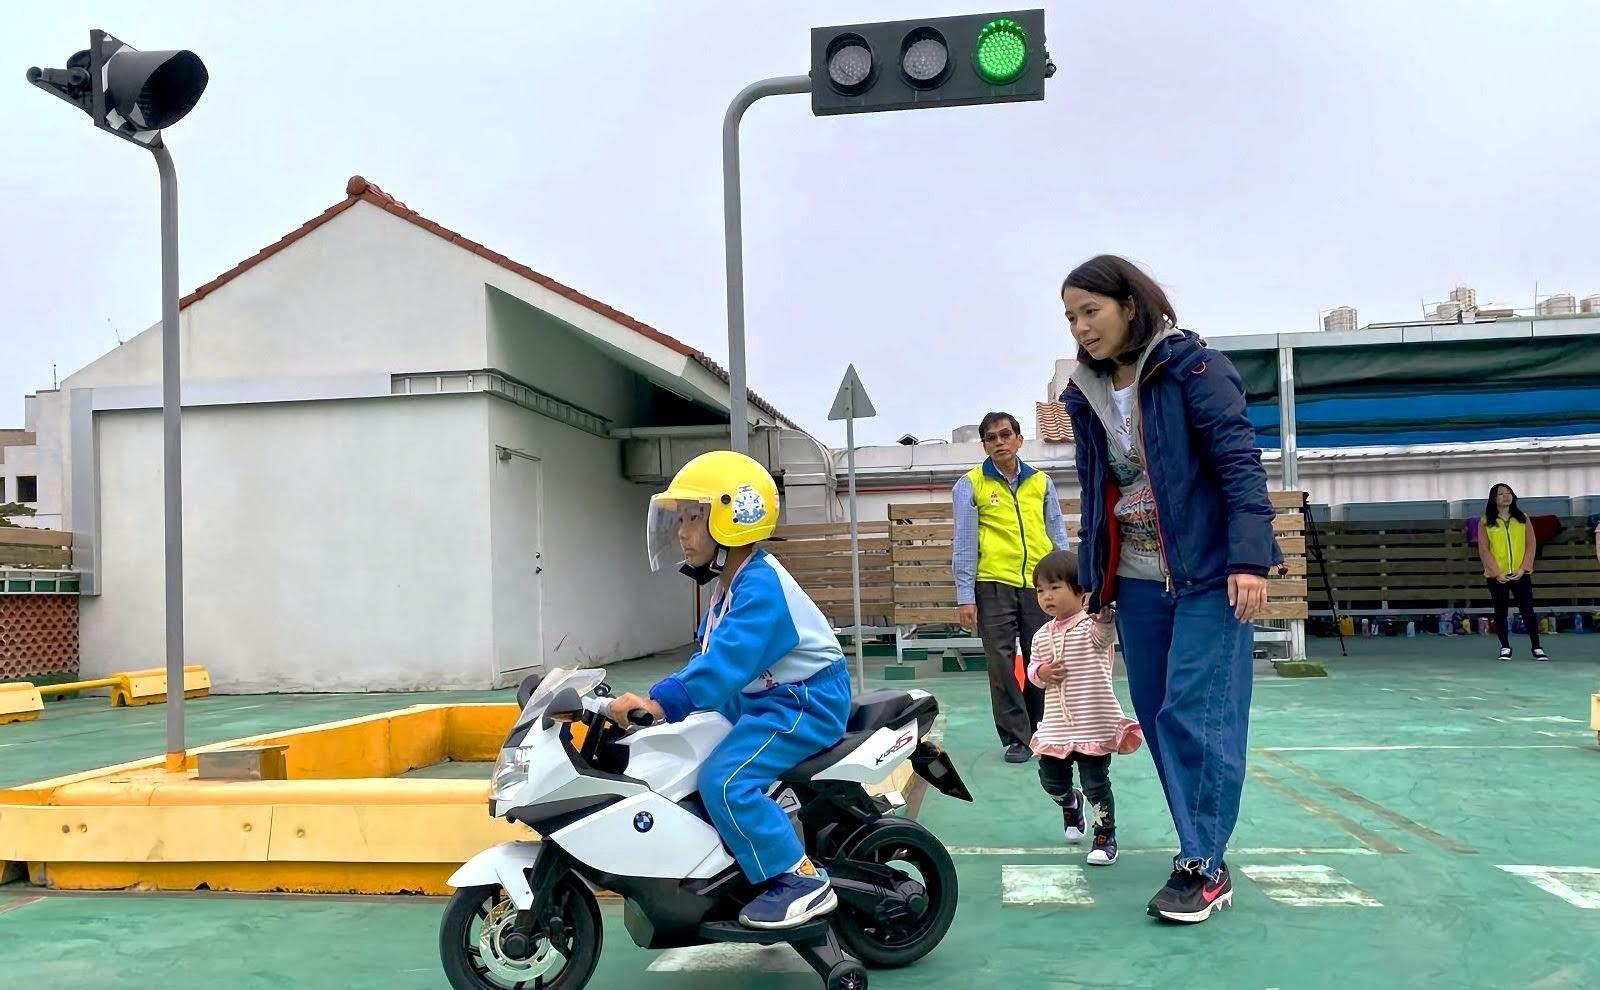 小朋友也能體驗開車!? 台南打造交通教育主題館12/9開放預約